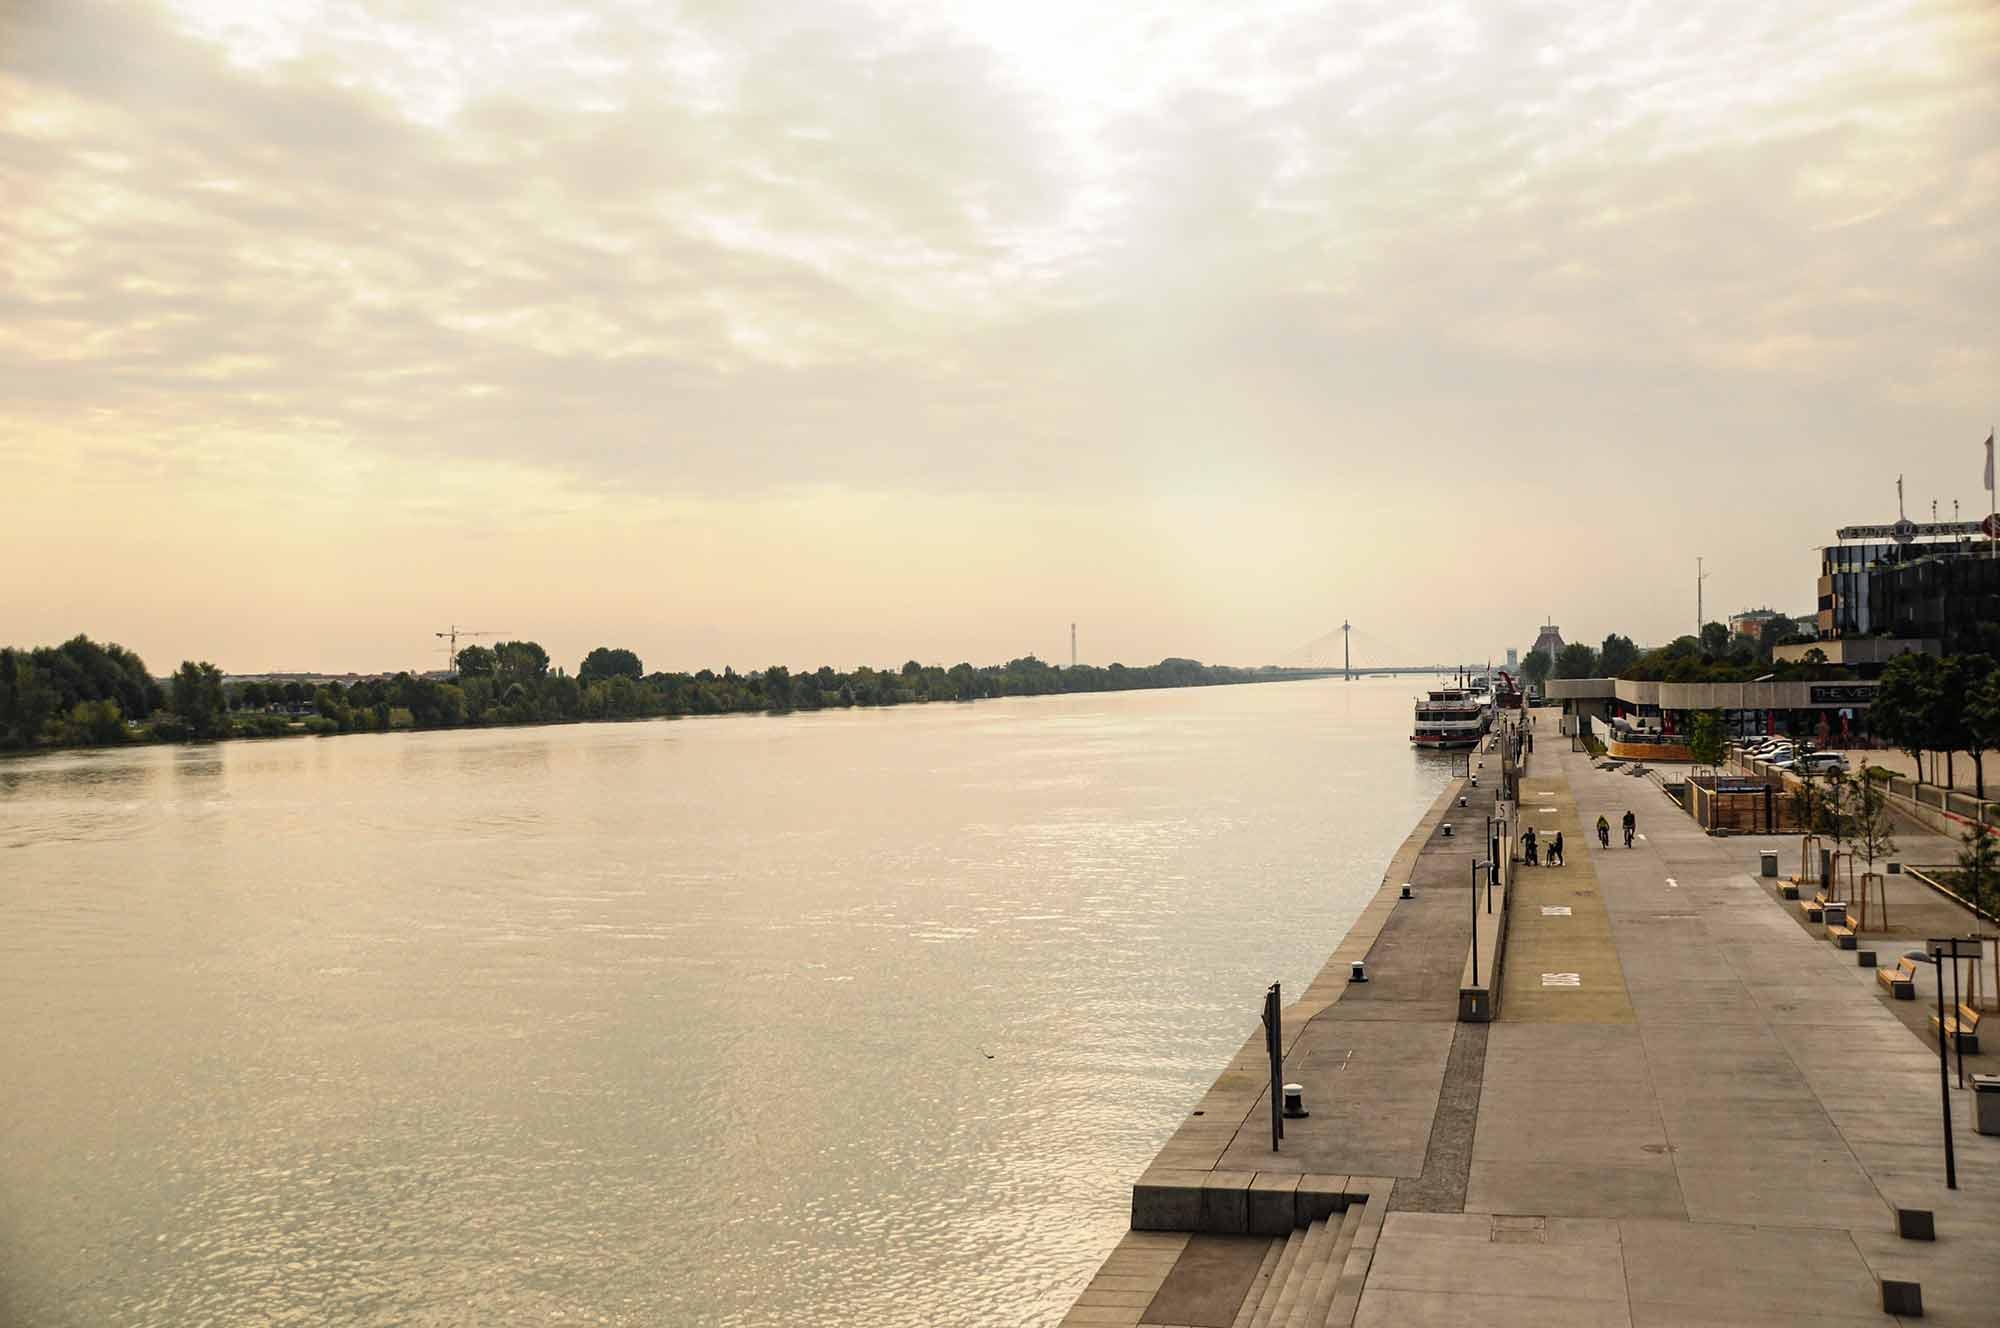 Im Bild ist die Donau im österreichischen Bundesland Wien zu sehen